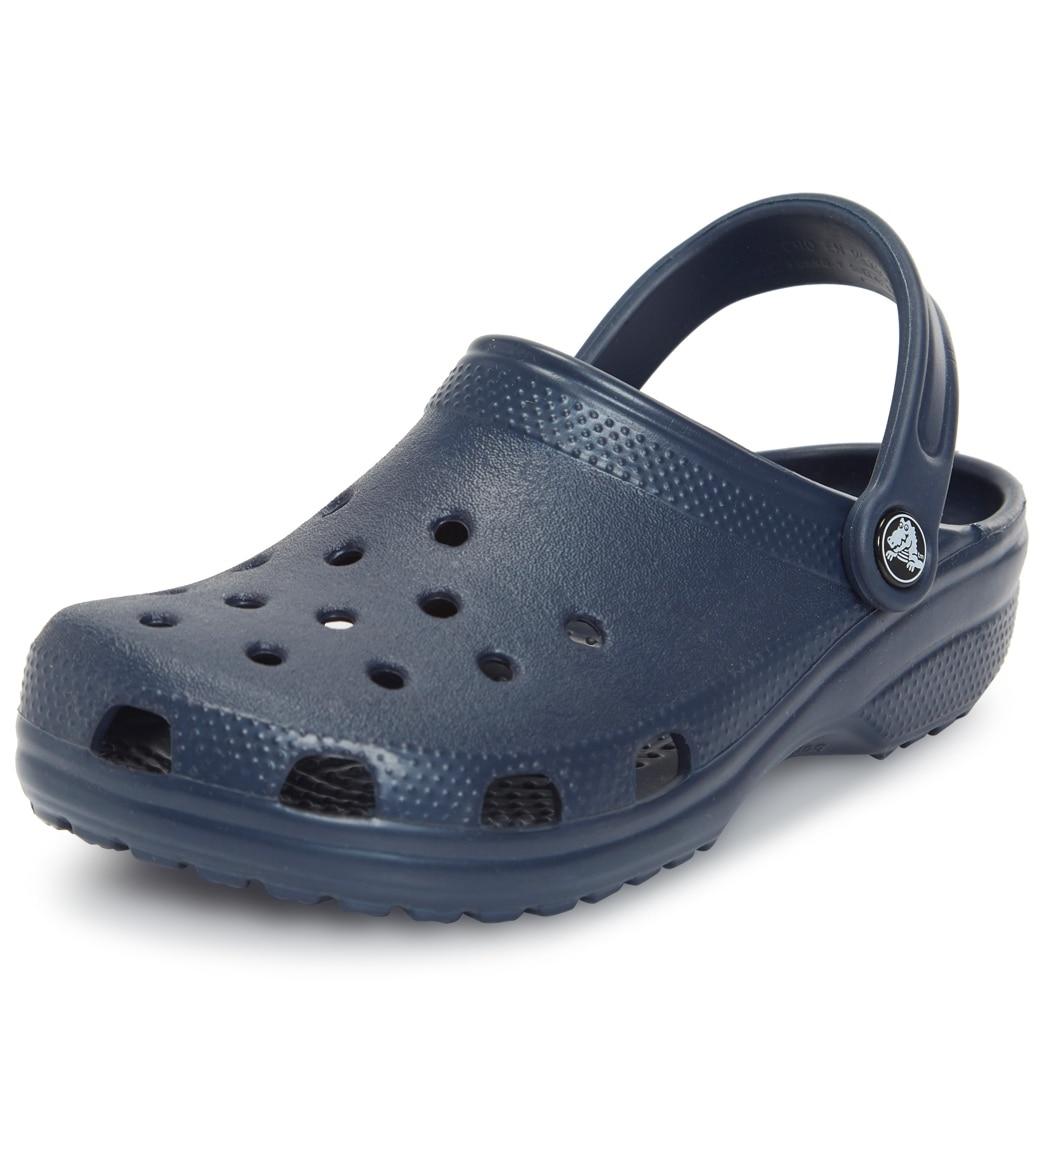 d0bc9cba752f08 Crocs Classic Clog at SwimOutlet.com